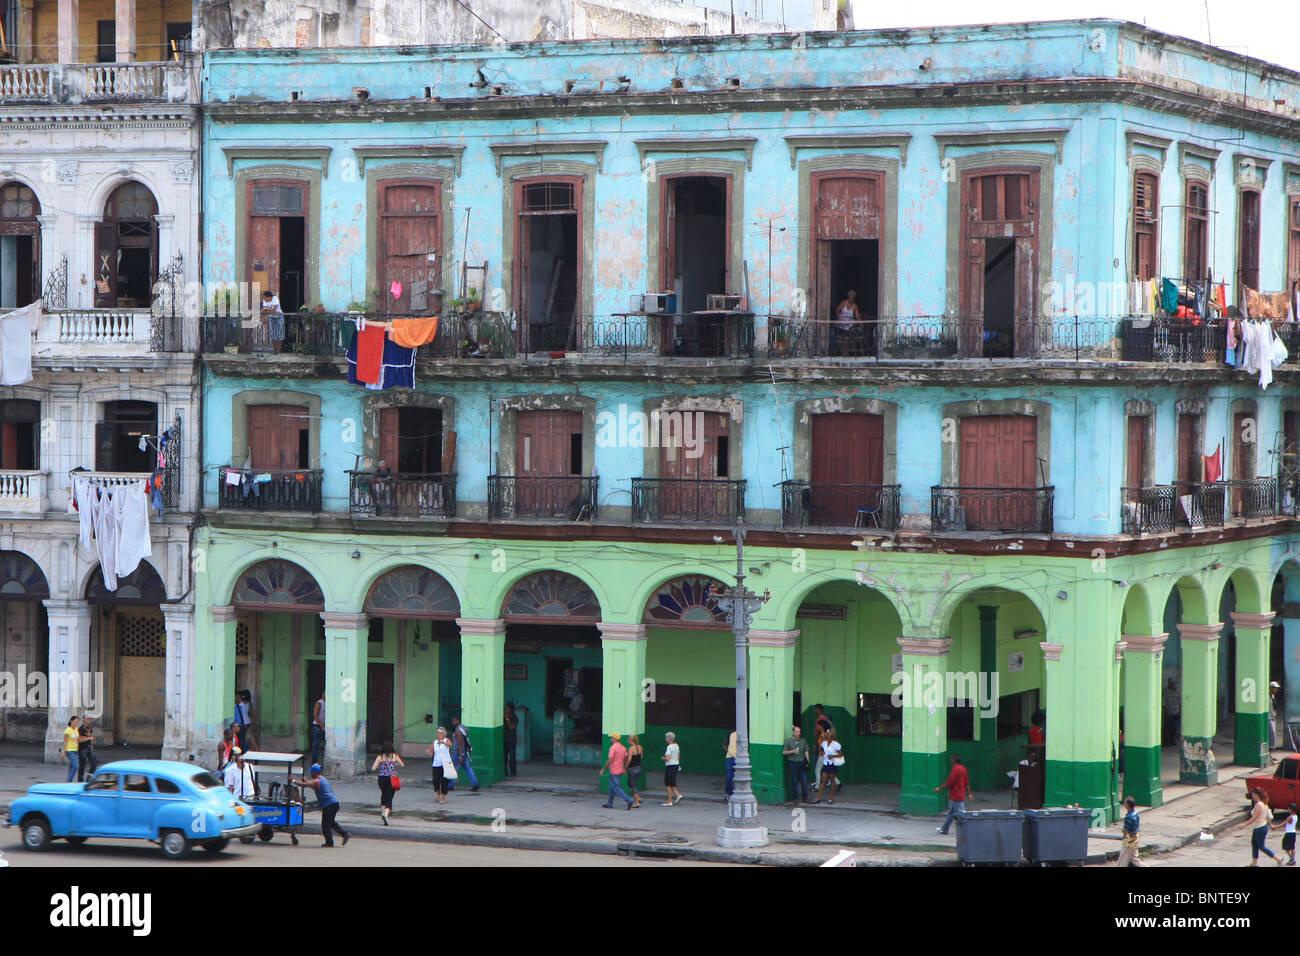 Decrepit colonial-style building, La Havana, Cuba - Stock Image